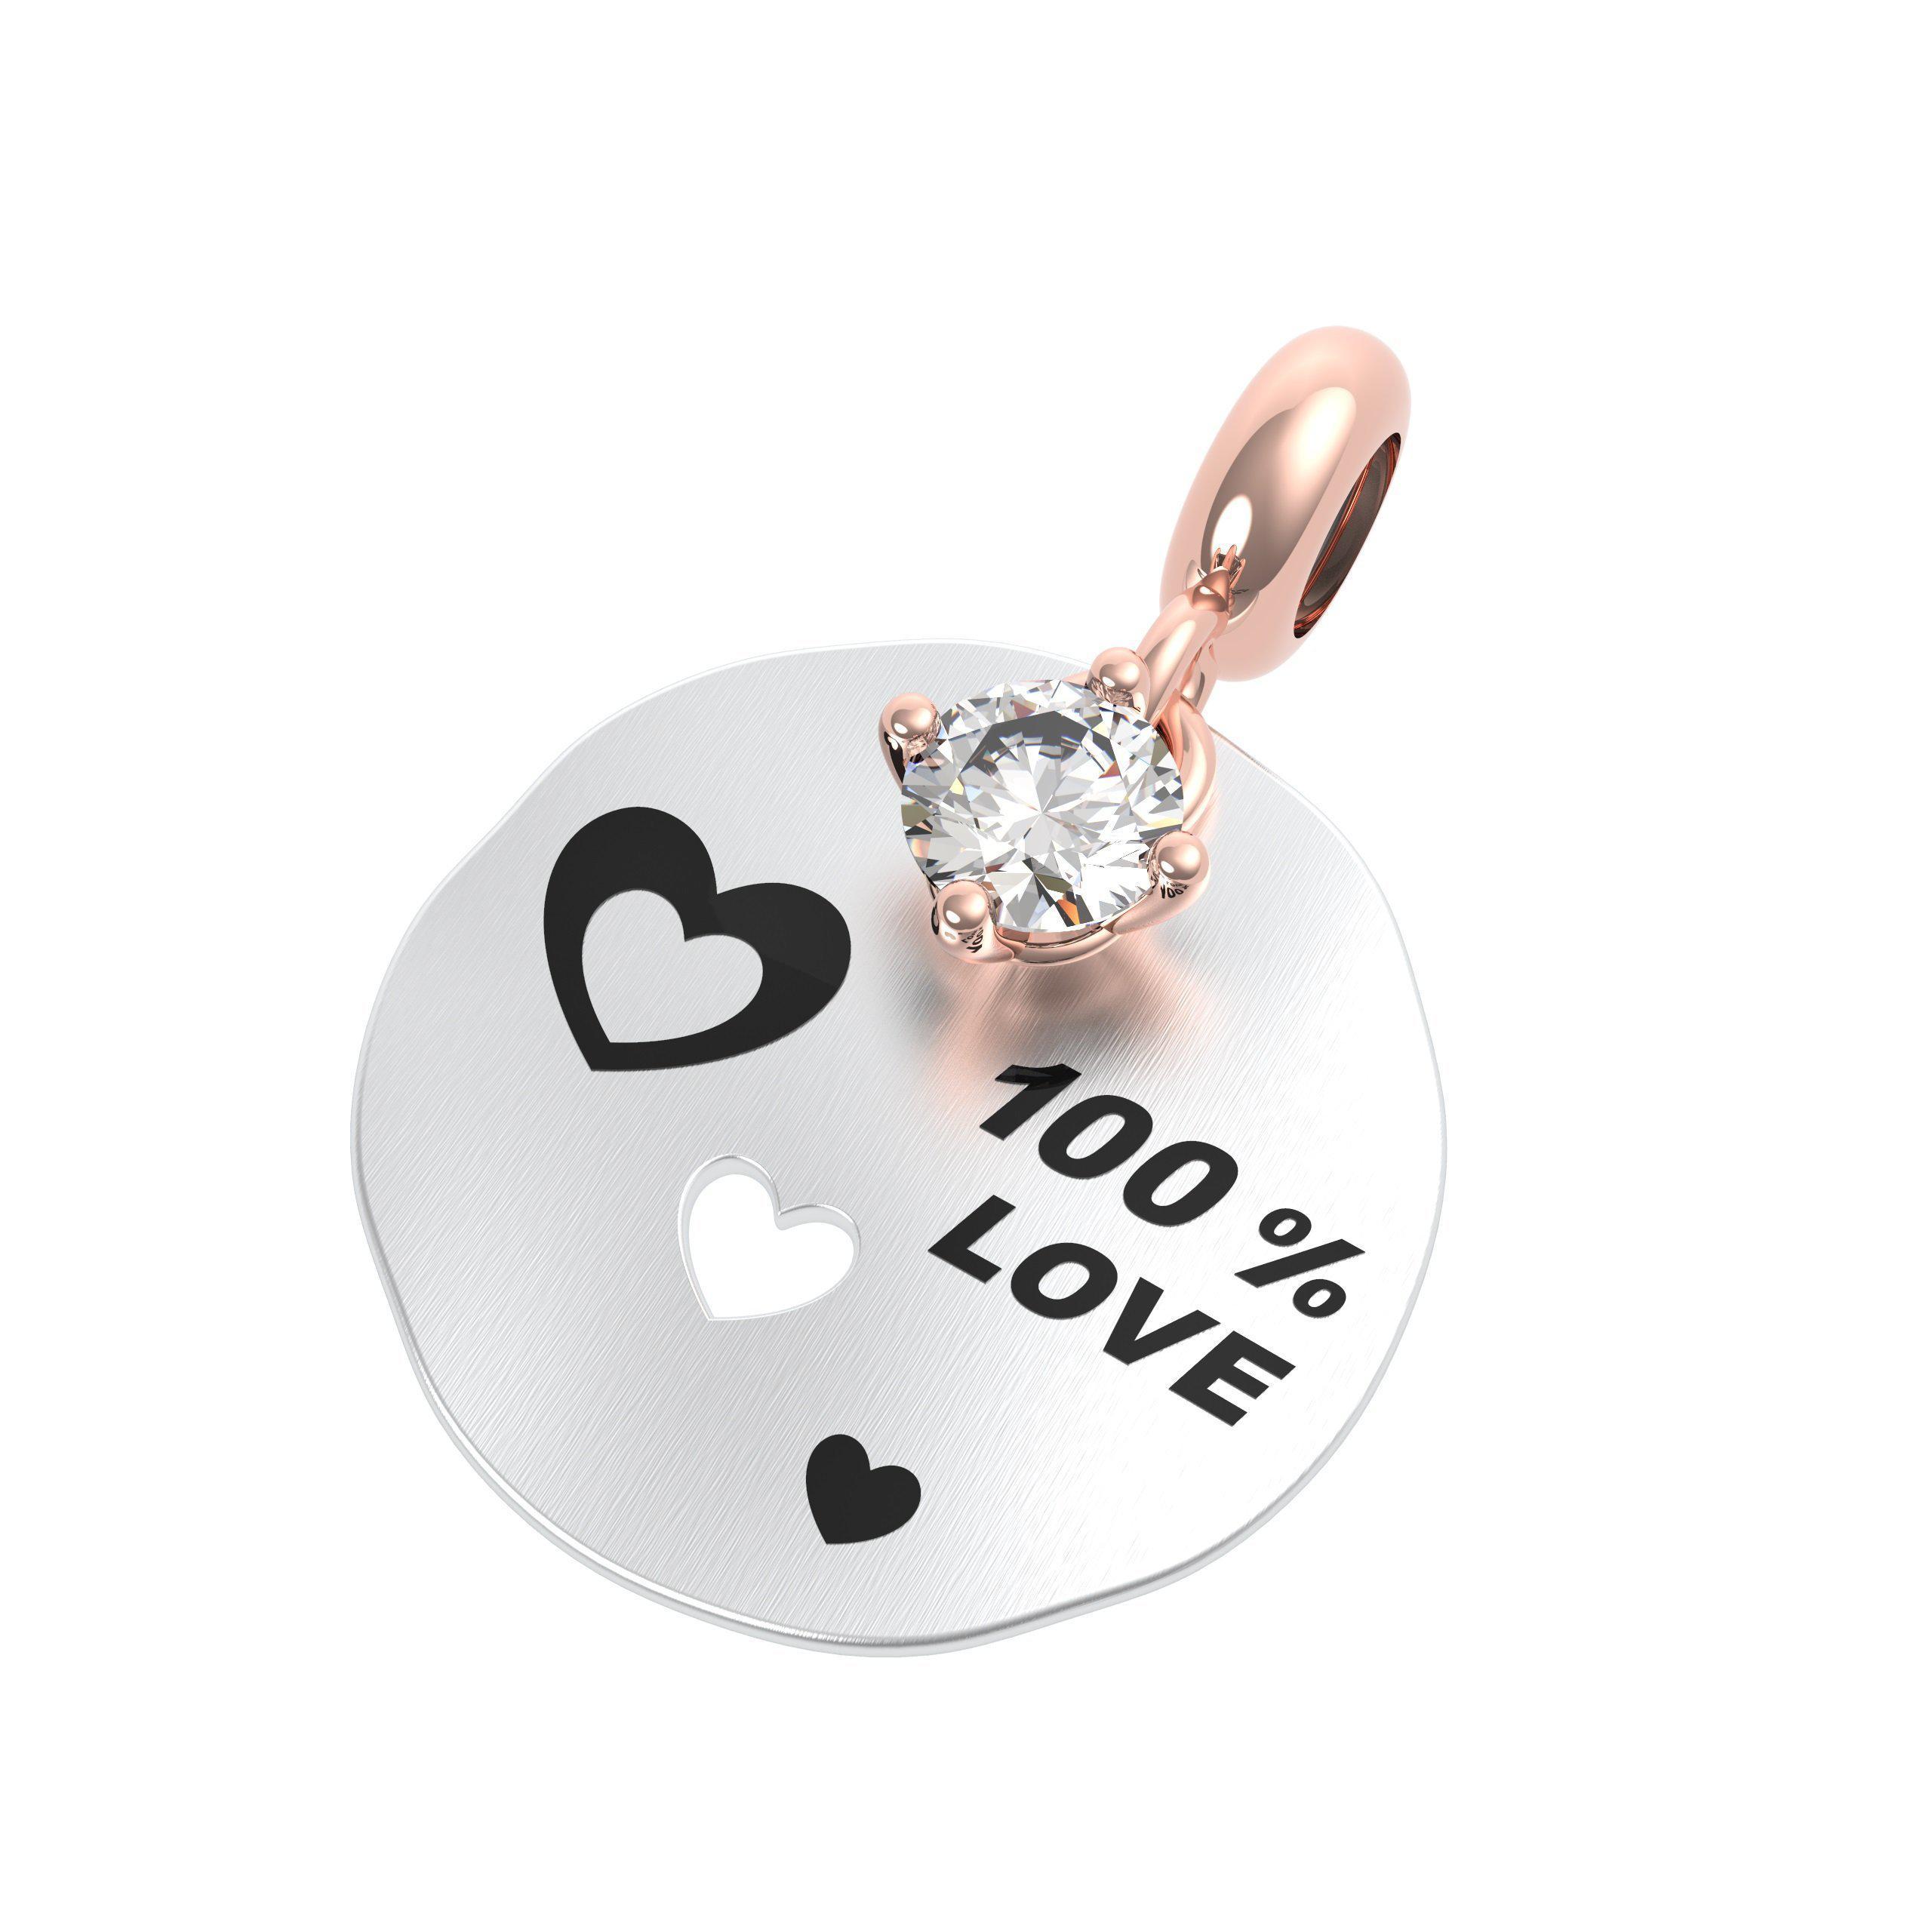 25056 Cristallo di rocca Amore